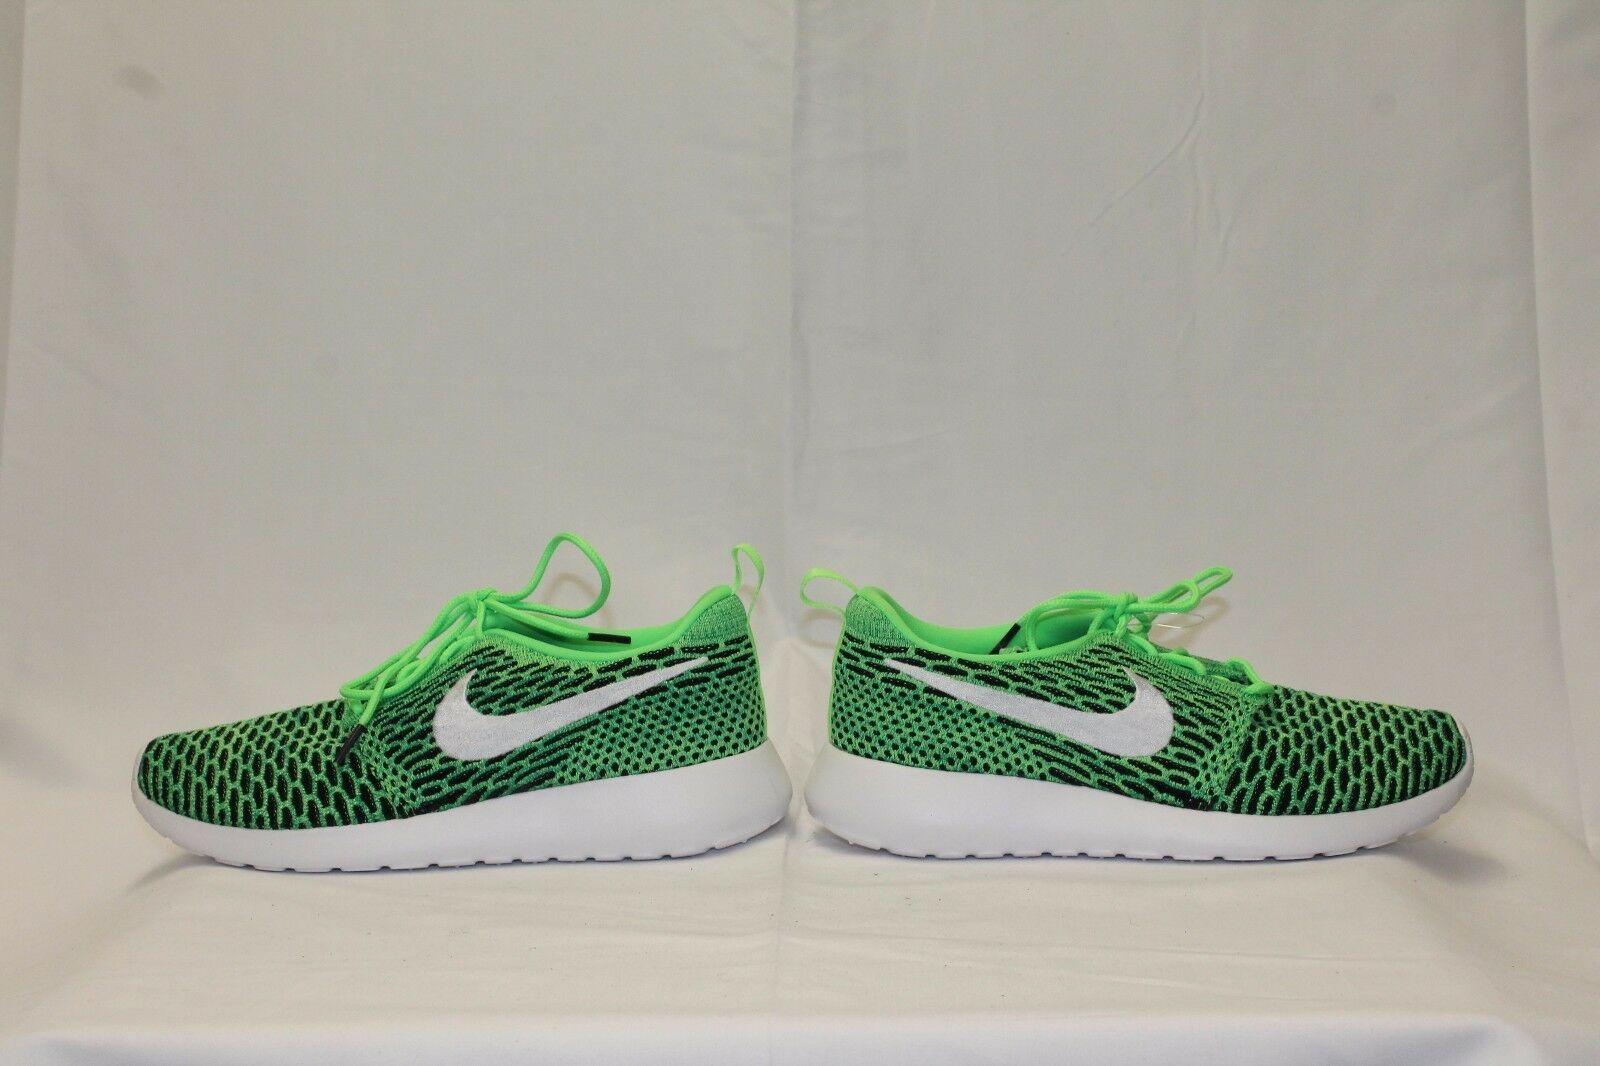 Women's Nike FlyKnit Roshe Running Sneakers NEW Green/Black, MSRP $100